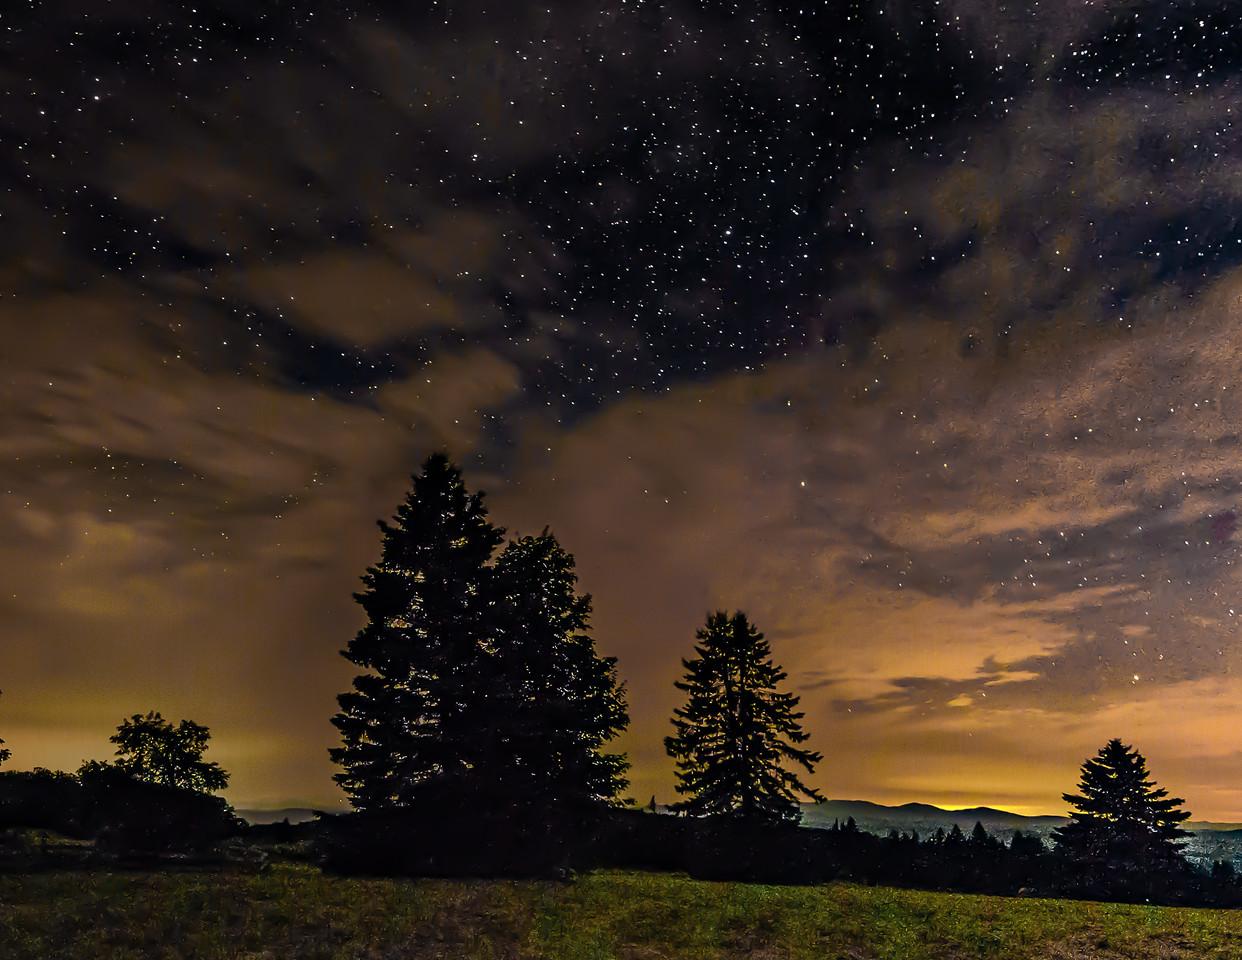 Summer Night in Cabot, Vermont